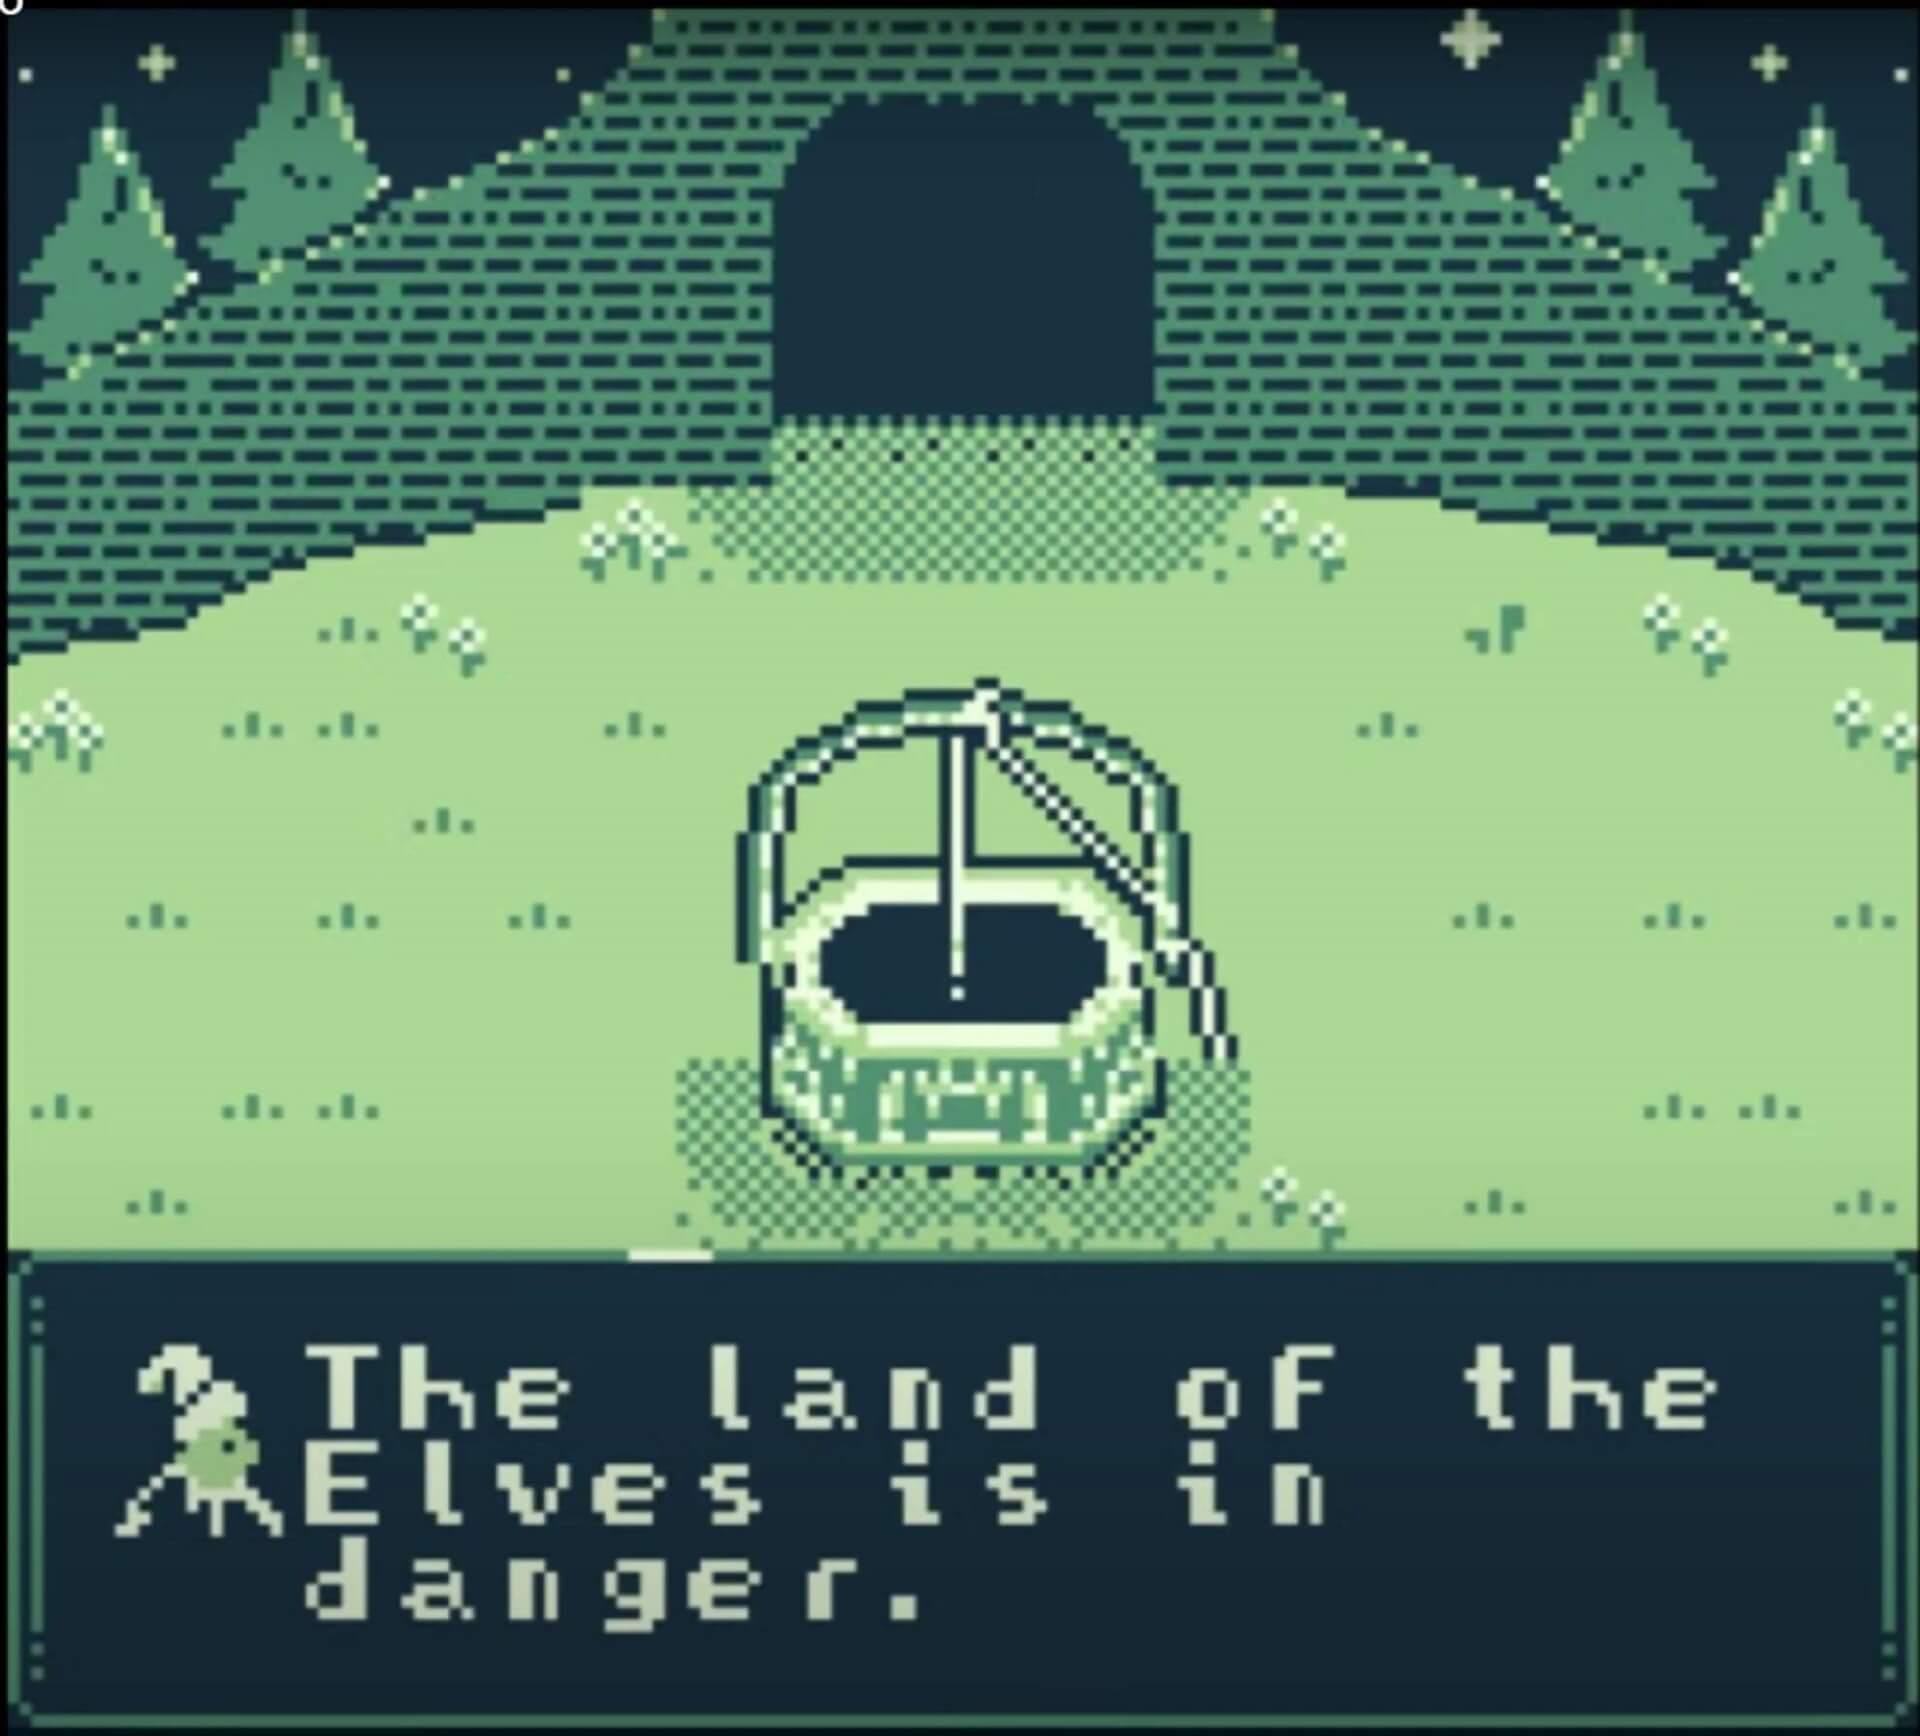 Mission des Elfen im Spiel The Shapeshifter Spiel für den Game Boy